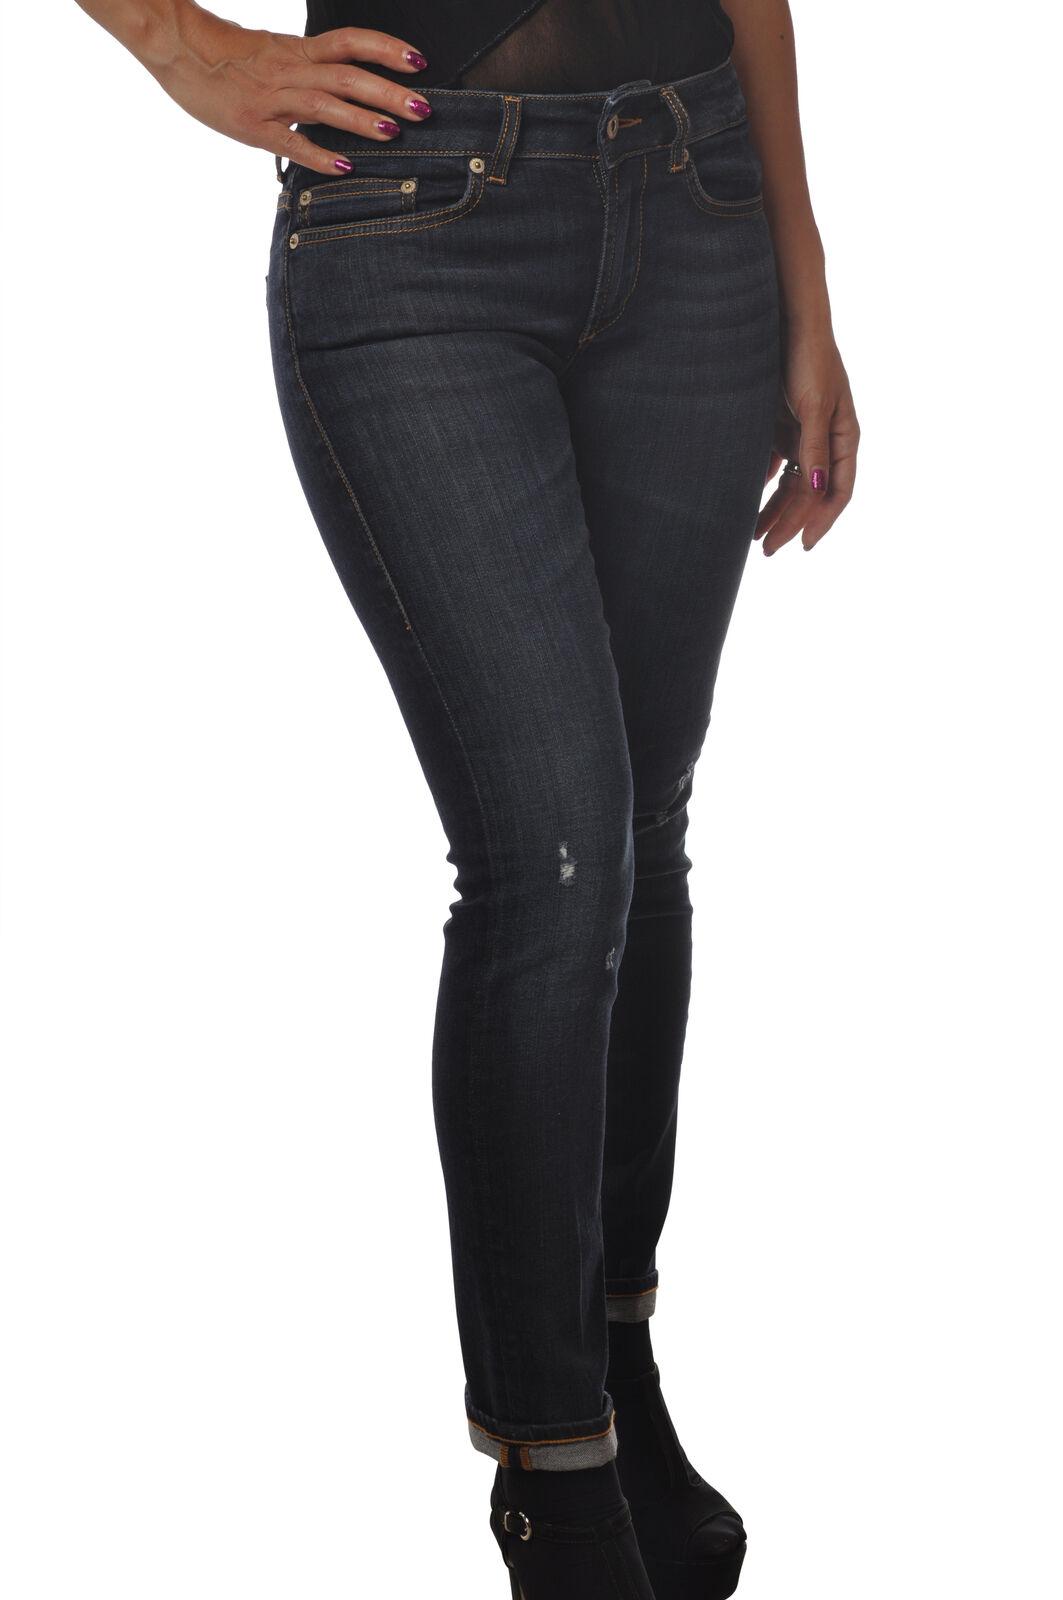 Dondup - Jeans-Pants-slim fit - Woman - Denim - 5390207C195111